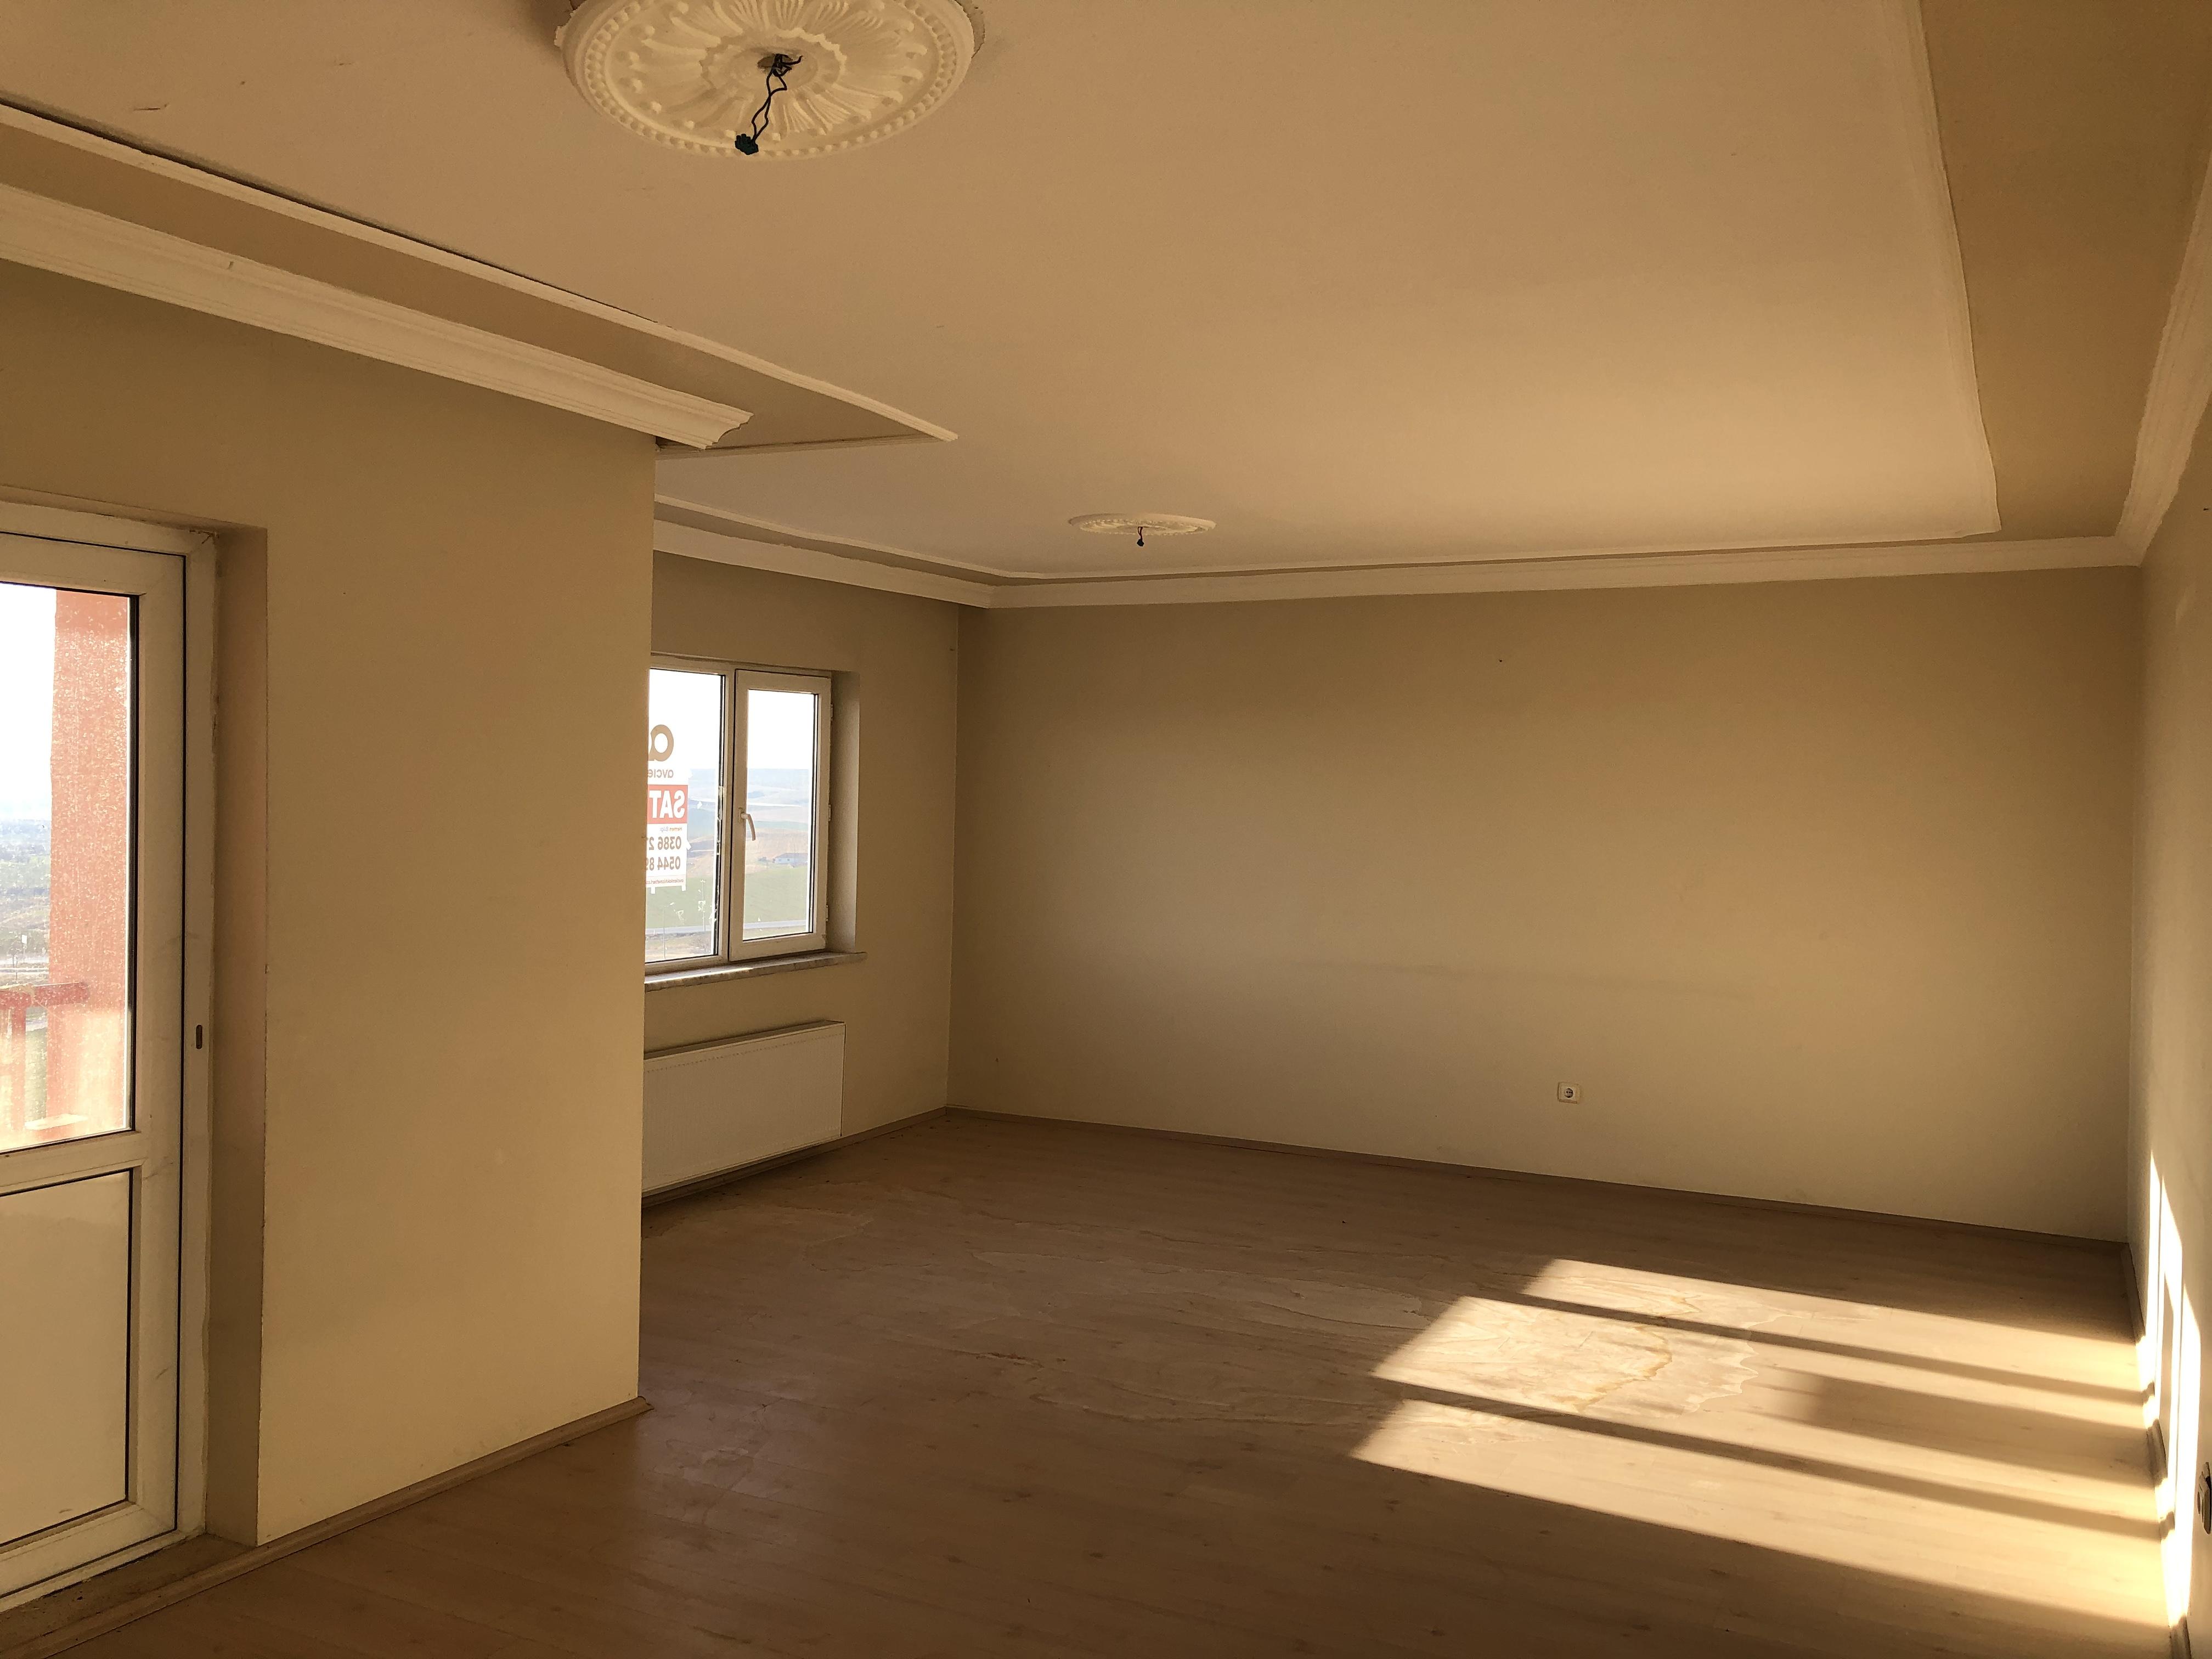 GÜNEYKENT TOKİ'DE 3+1 4.KAT 135 m2 DAİRE